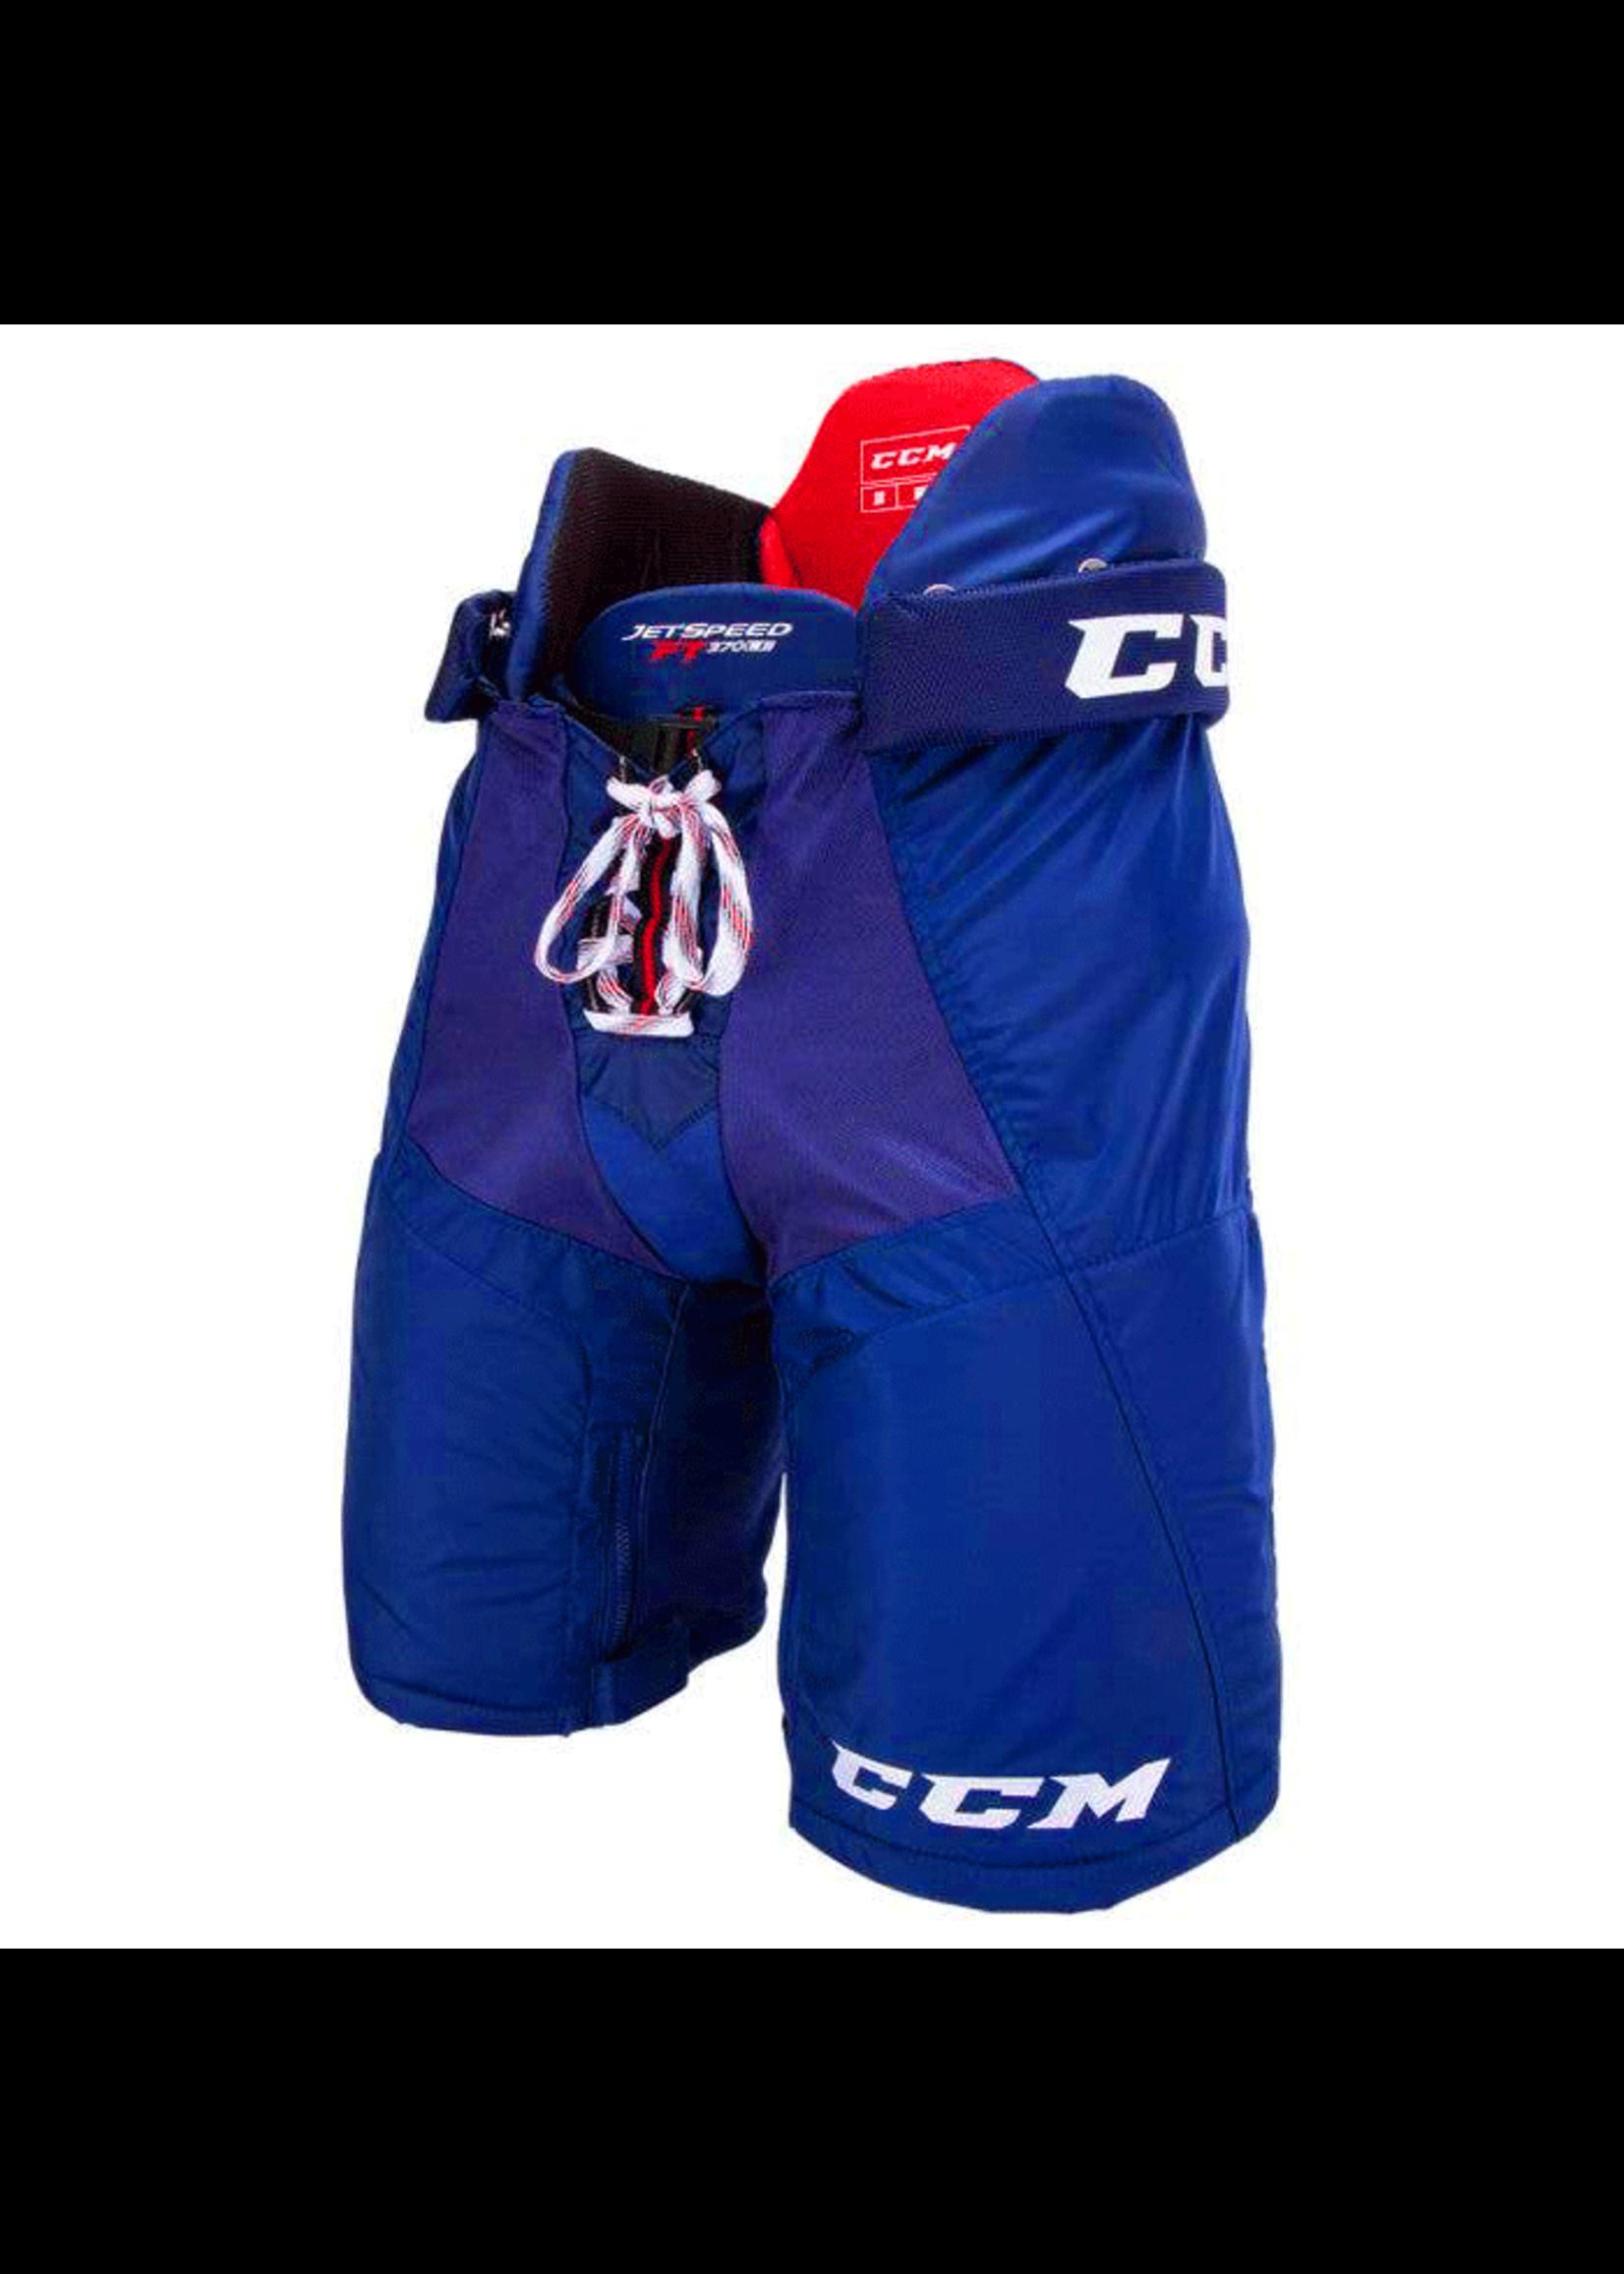 CCM Hockey CCM JETSPEED FT370 JR PANTS